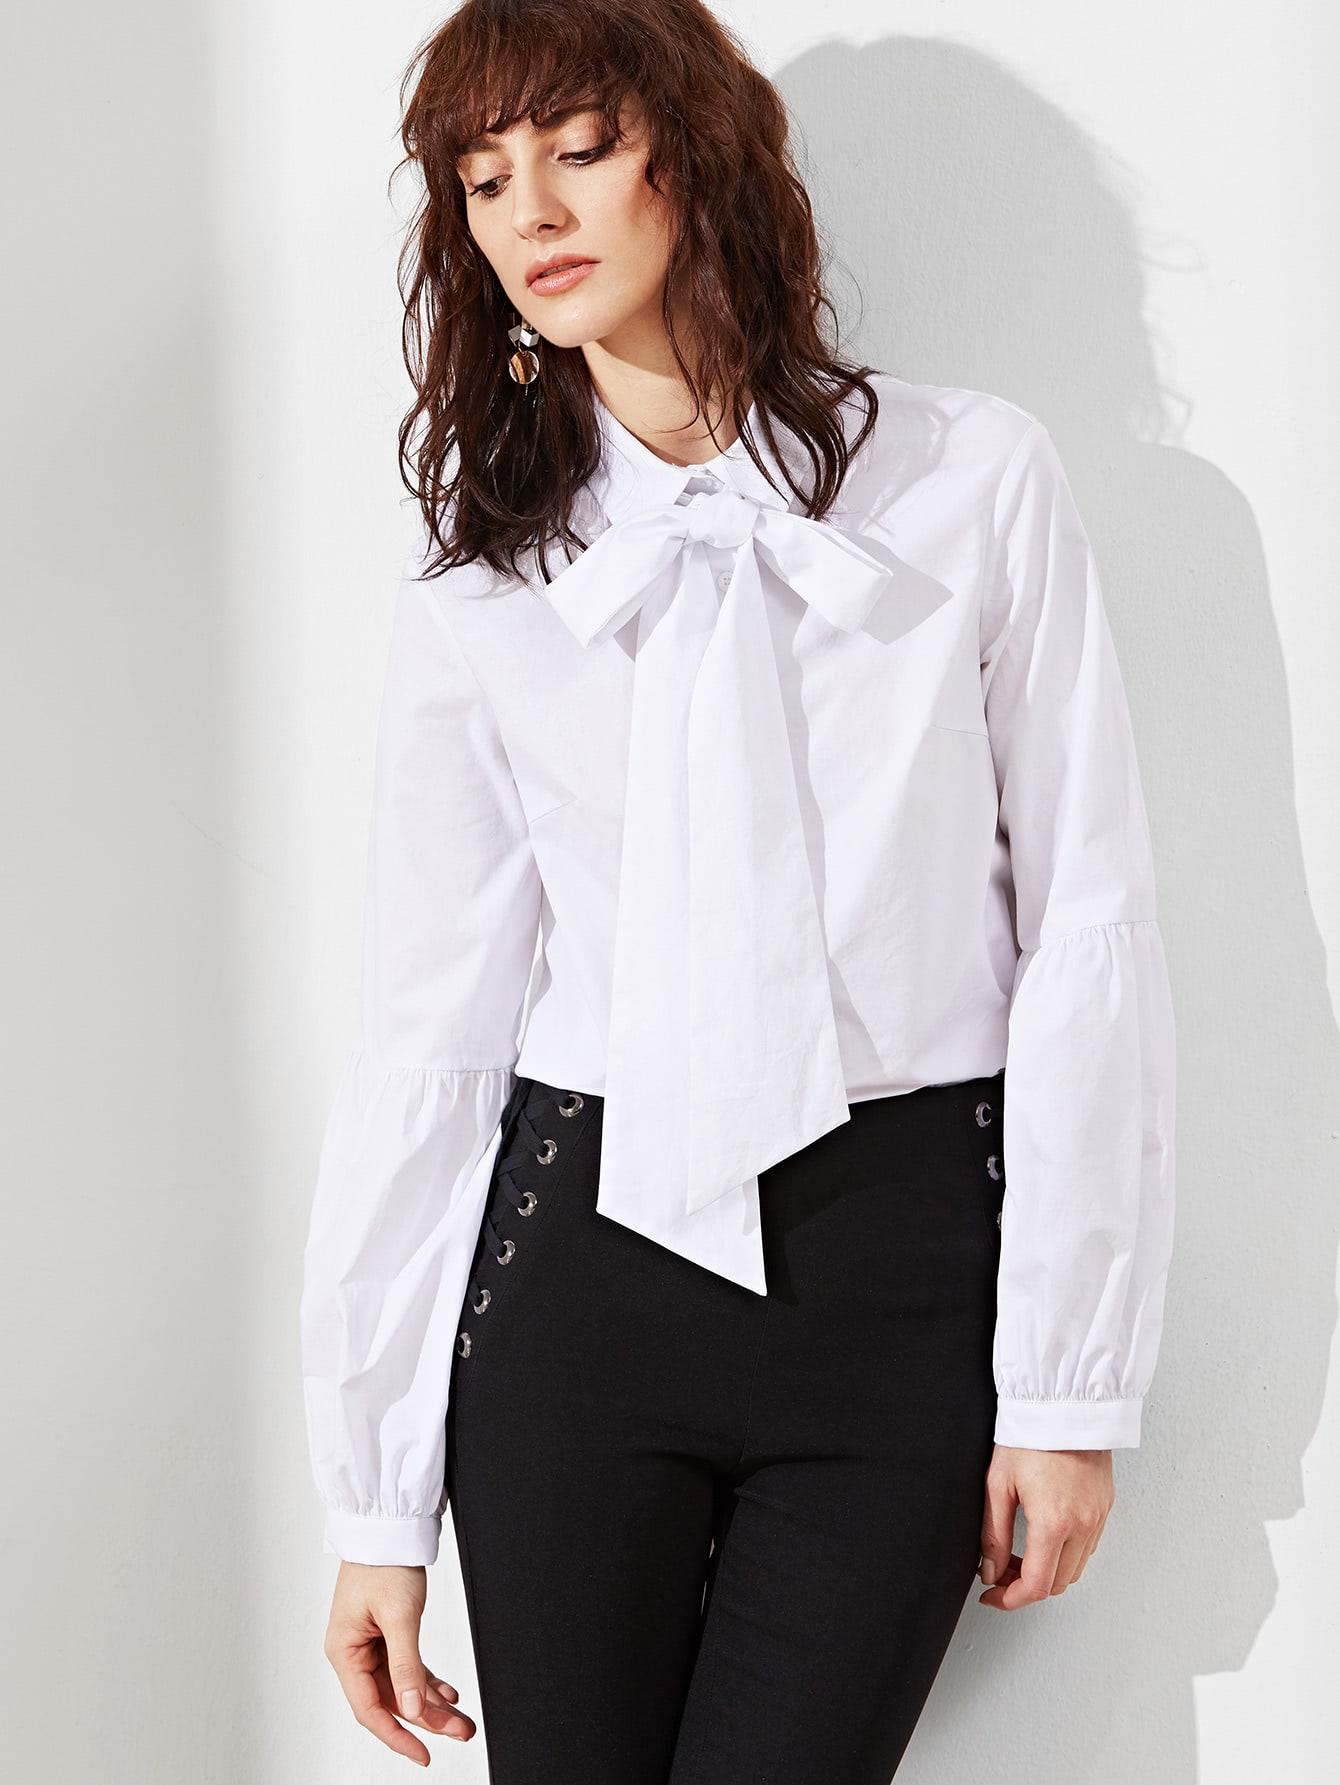 Блузки Белые Модные Доставка